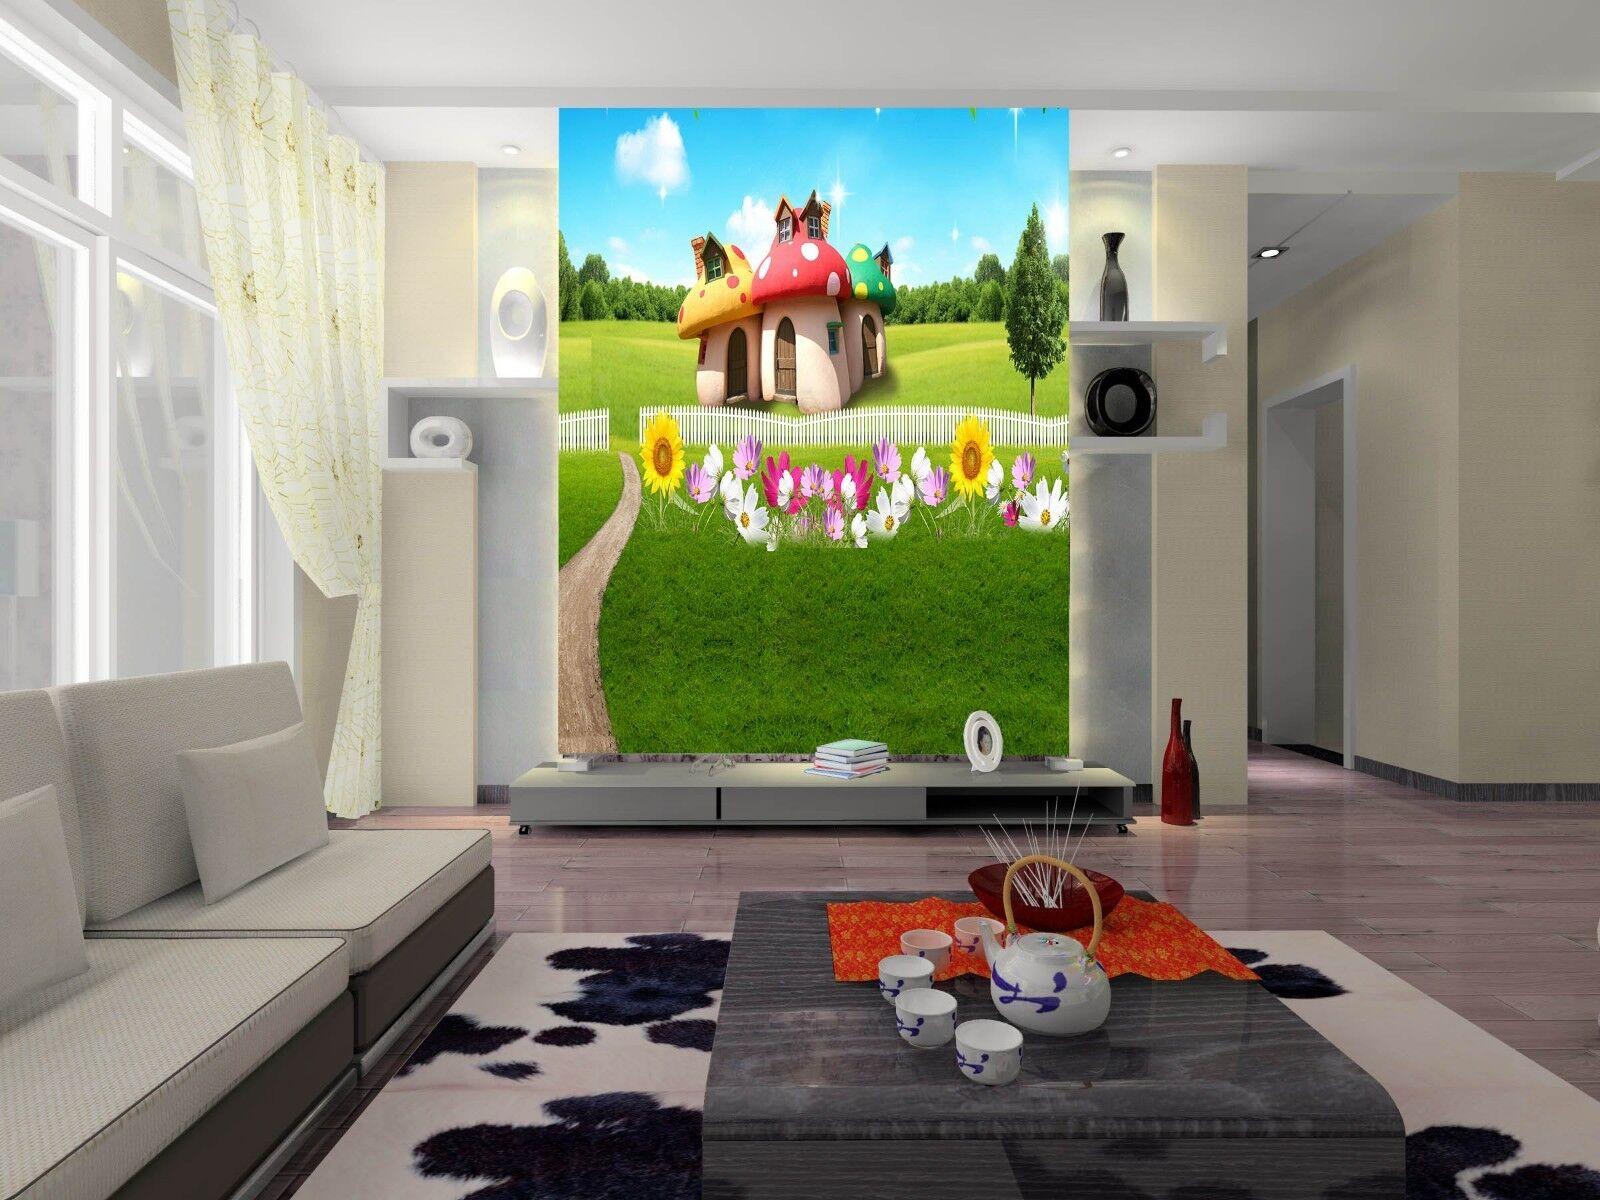 3D Grün Lawn Mushroom House Wall Paper Wall Print Decal Wall AJ WALLPAPER CA